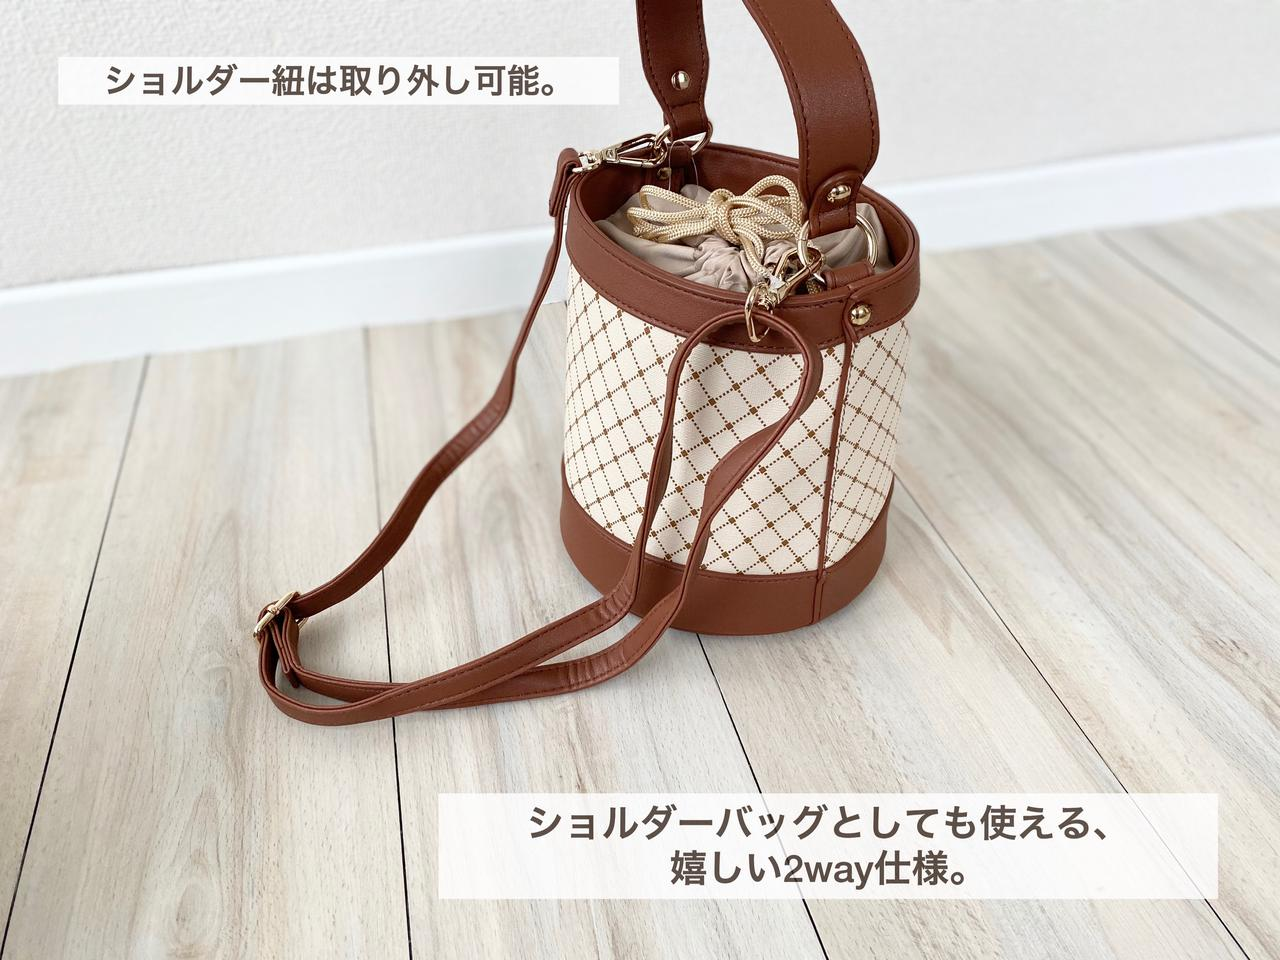 画像4: ラウンドバッグとバケツバッグ